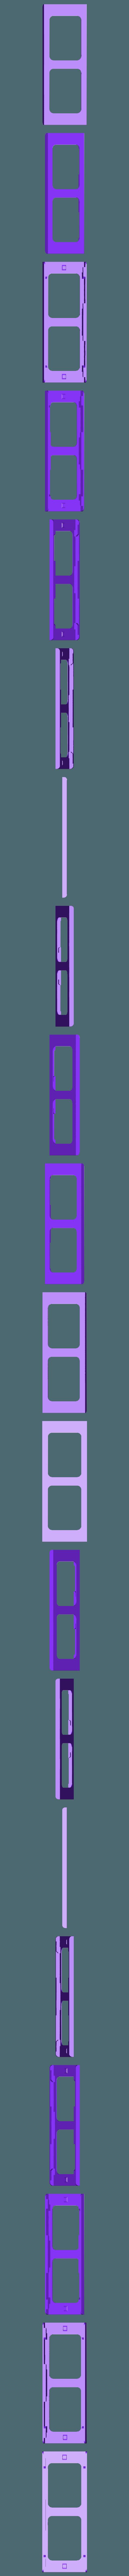 D-LI90_battery_holder_2x-l_v2-0.STL Télécharger fichier STL gratuit Support de pile D-Li90 • Objet à imprimer en 3D, WalterHsiao